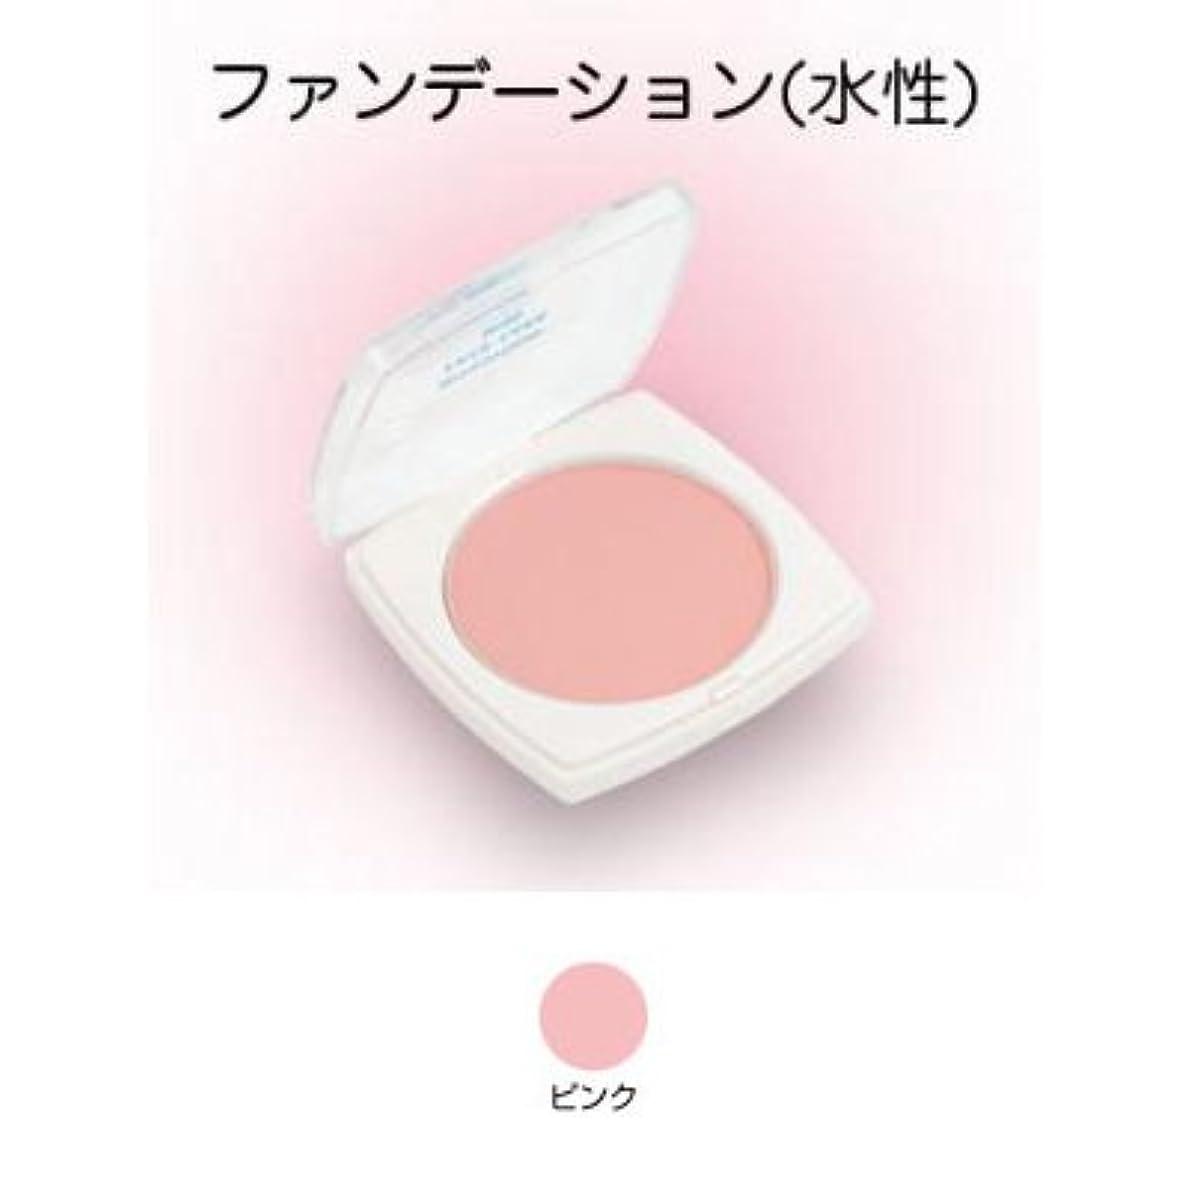 条件付き差別的置くためにパックフェースケーキ ミニ 17g ピンク 【三善】